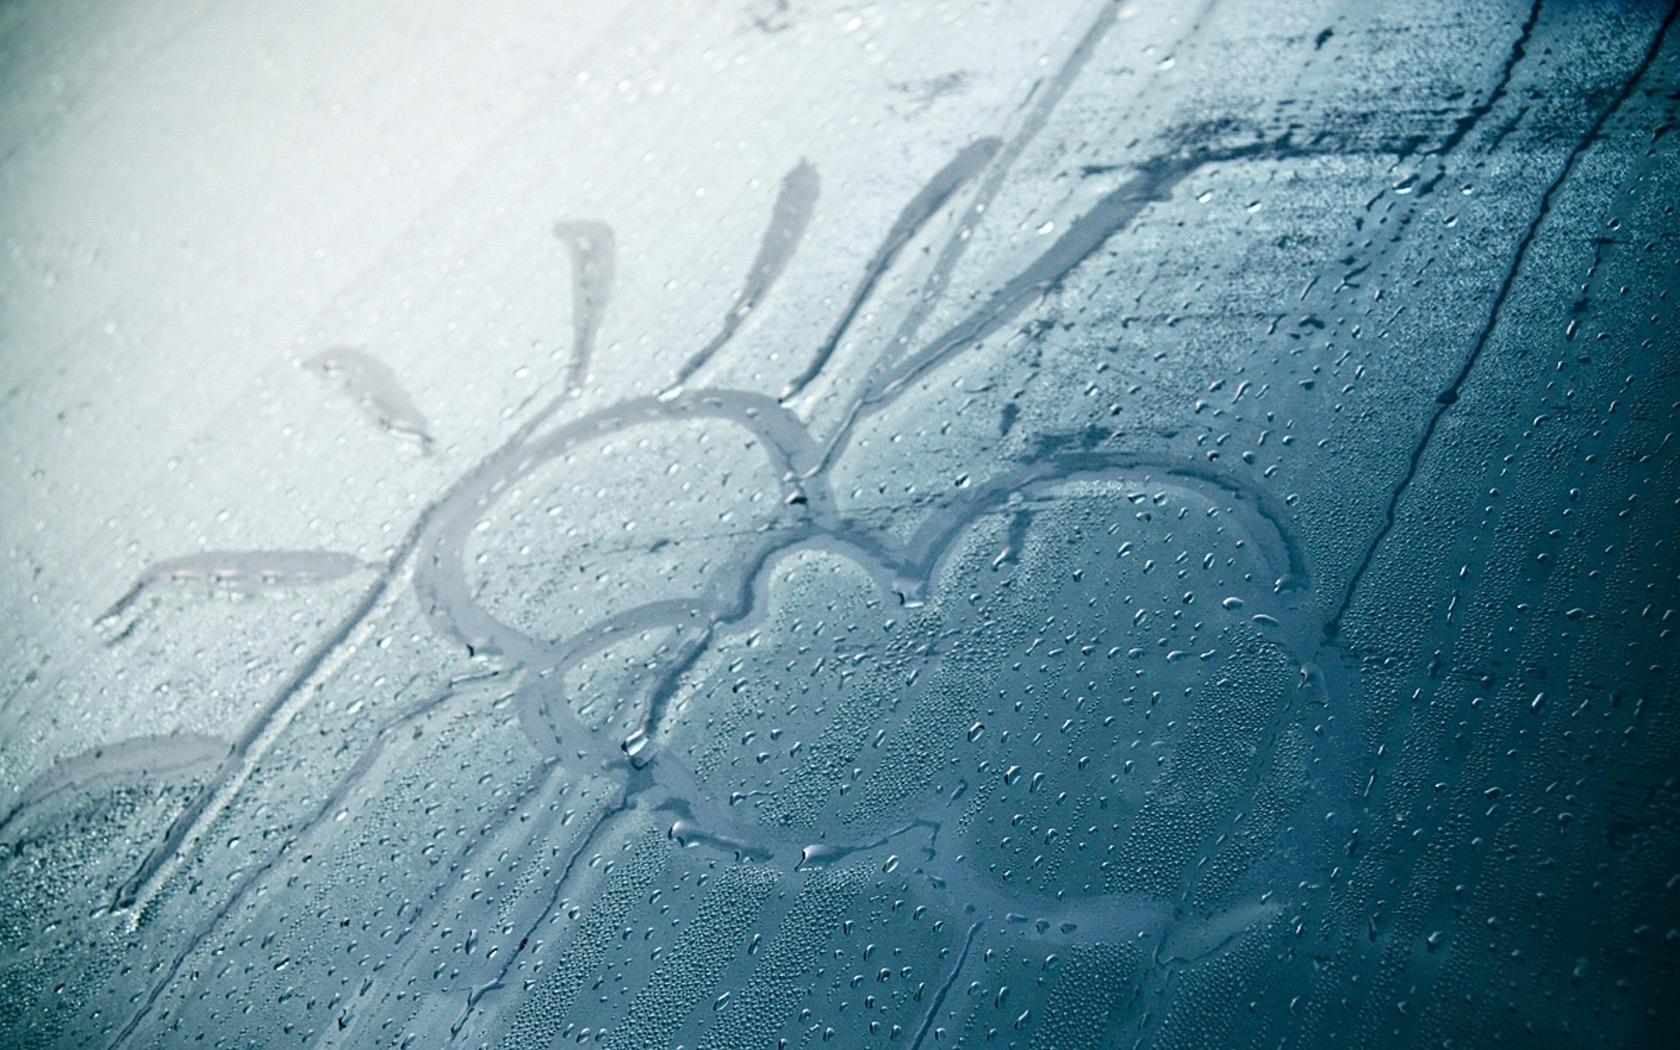 885708324 - Эффективное средство от запотевания стекол в автомобиле